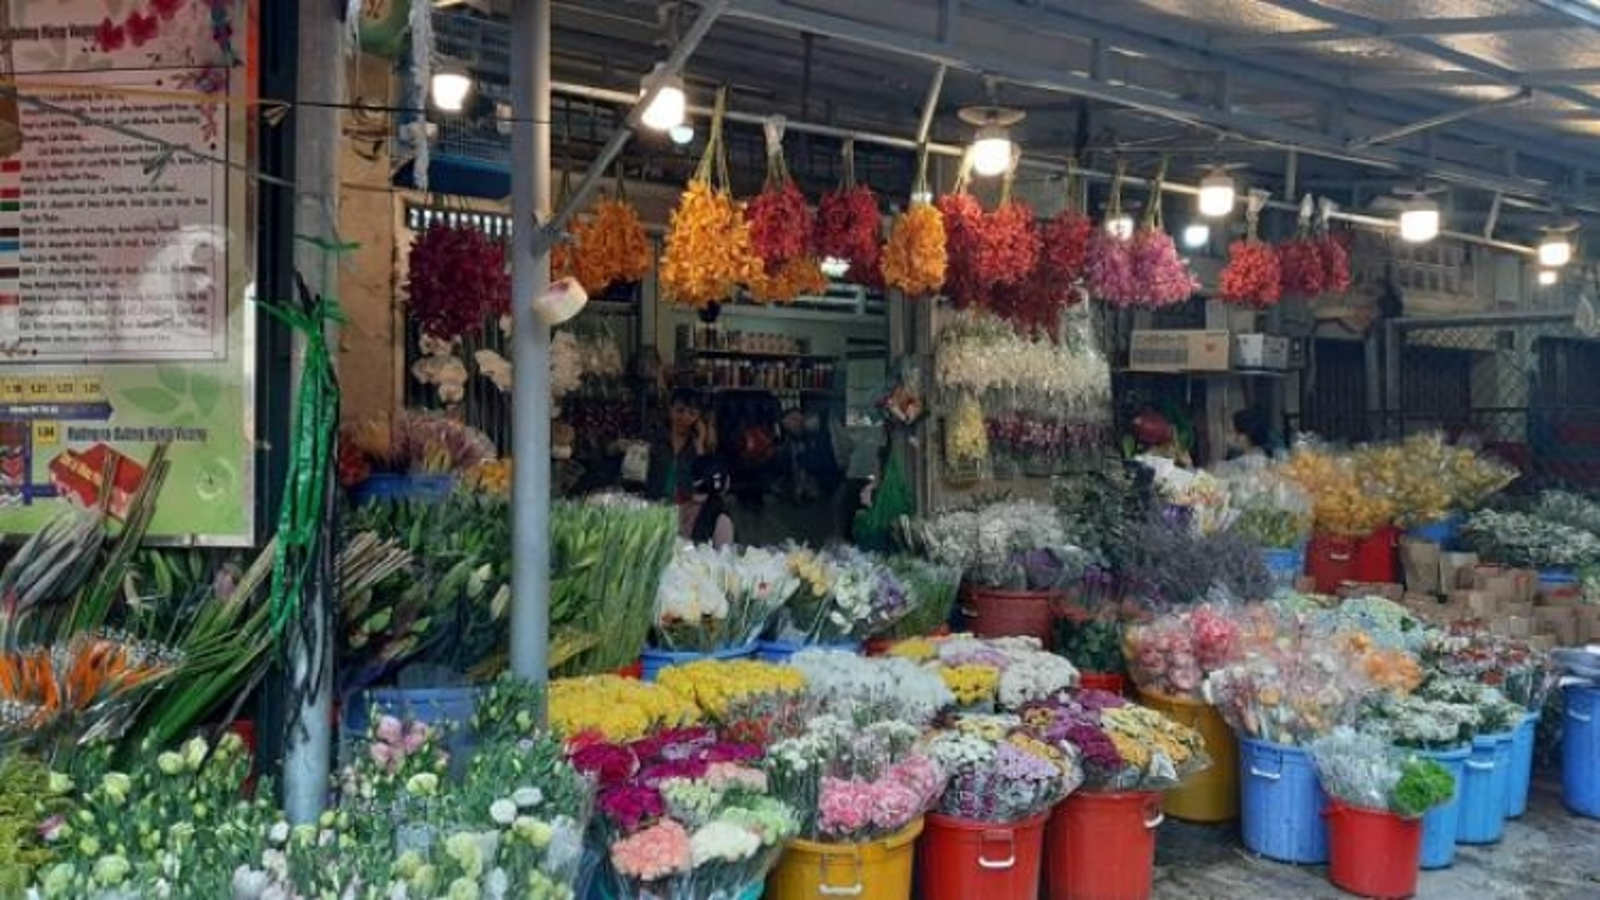 Nhu cầu tăng mạnh đẩy giá hoa tươi lên cao trong dịp 20/11